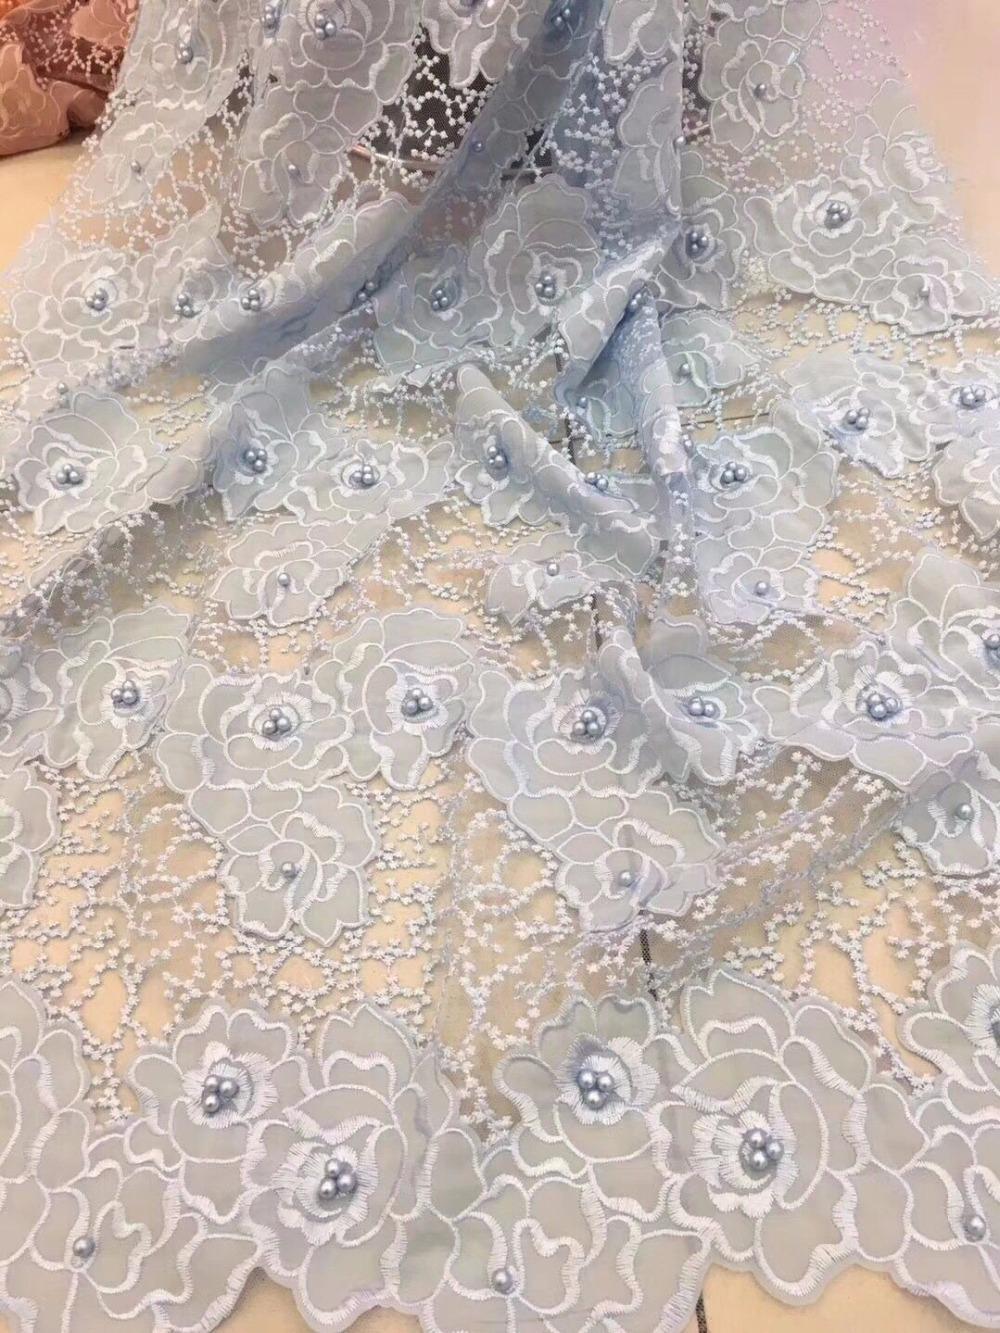 2017 bordado de malla tulle encaje tela 5 yardas patrón de flores con  cuentas telas de encaje africano al por mayor para el banquete de boda